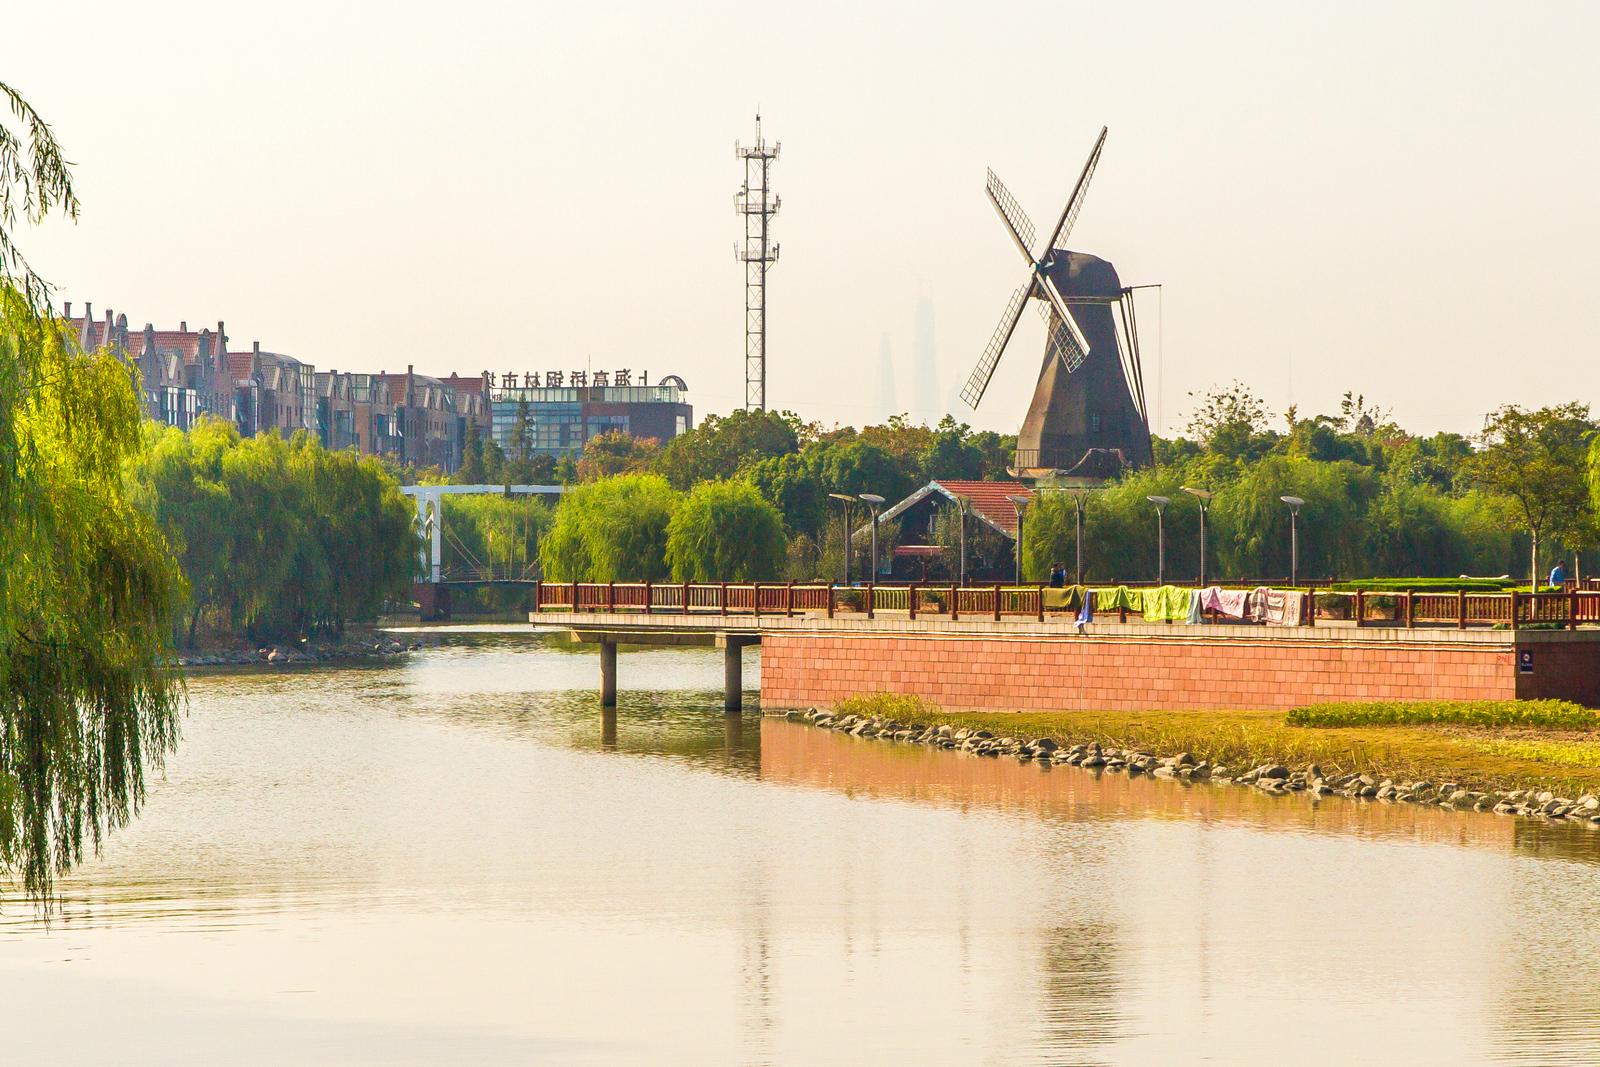 上海荷蘭新城,看看有什麼荷蘭元素